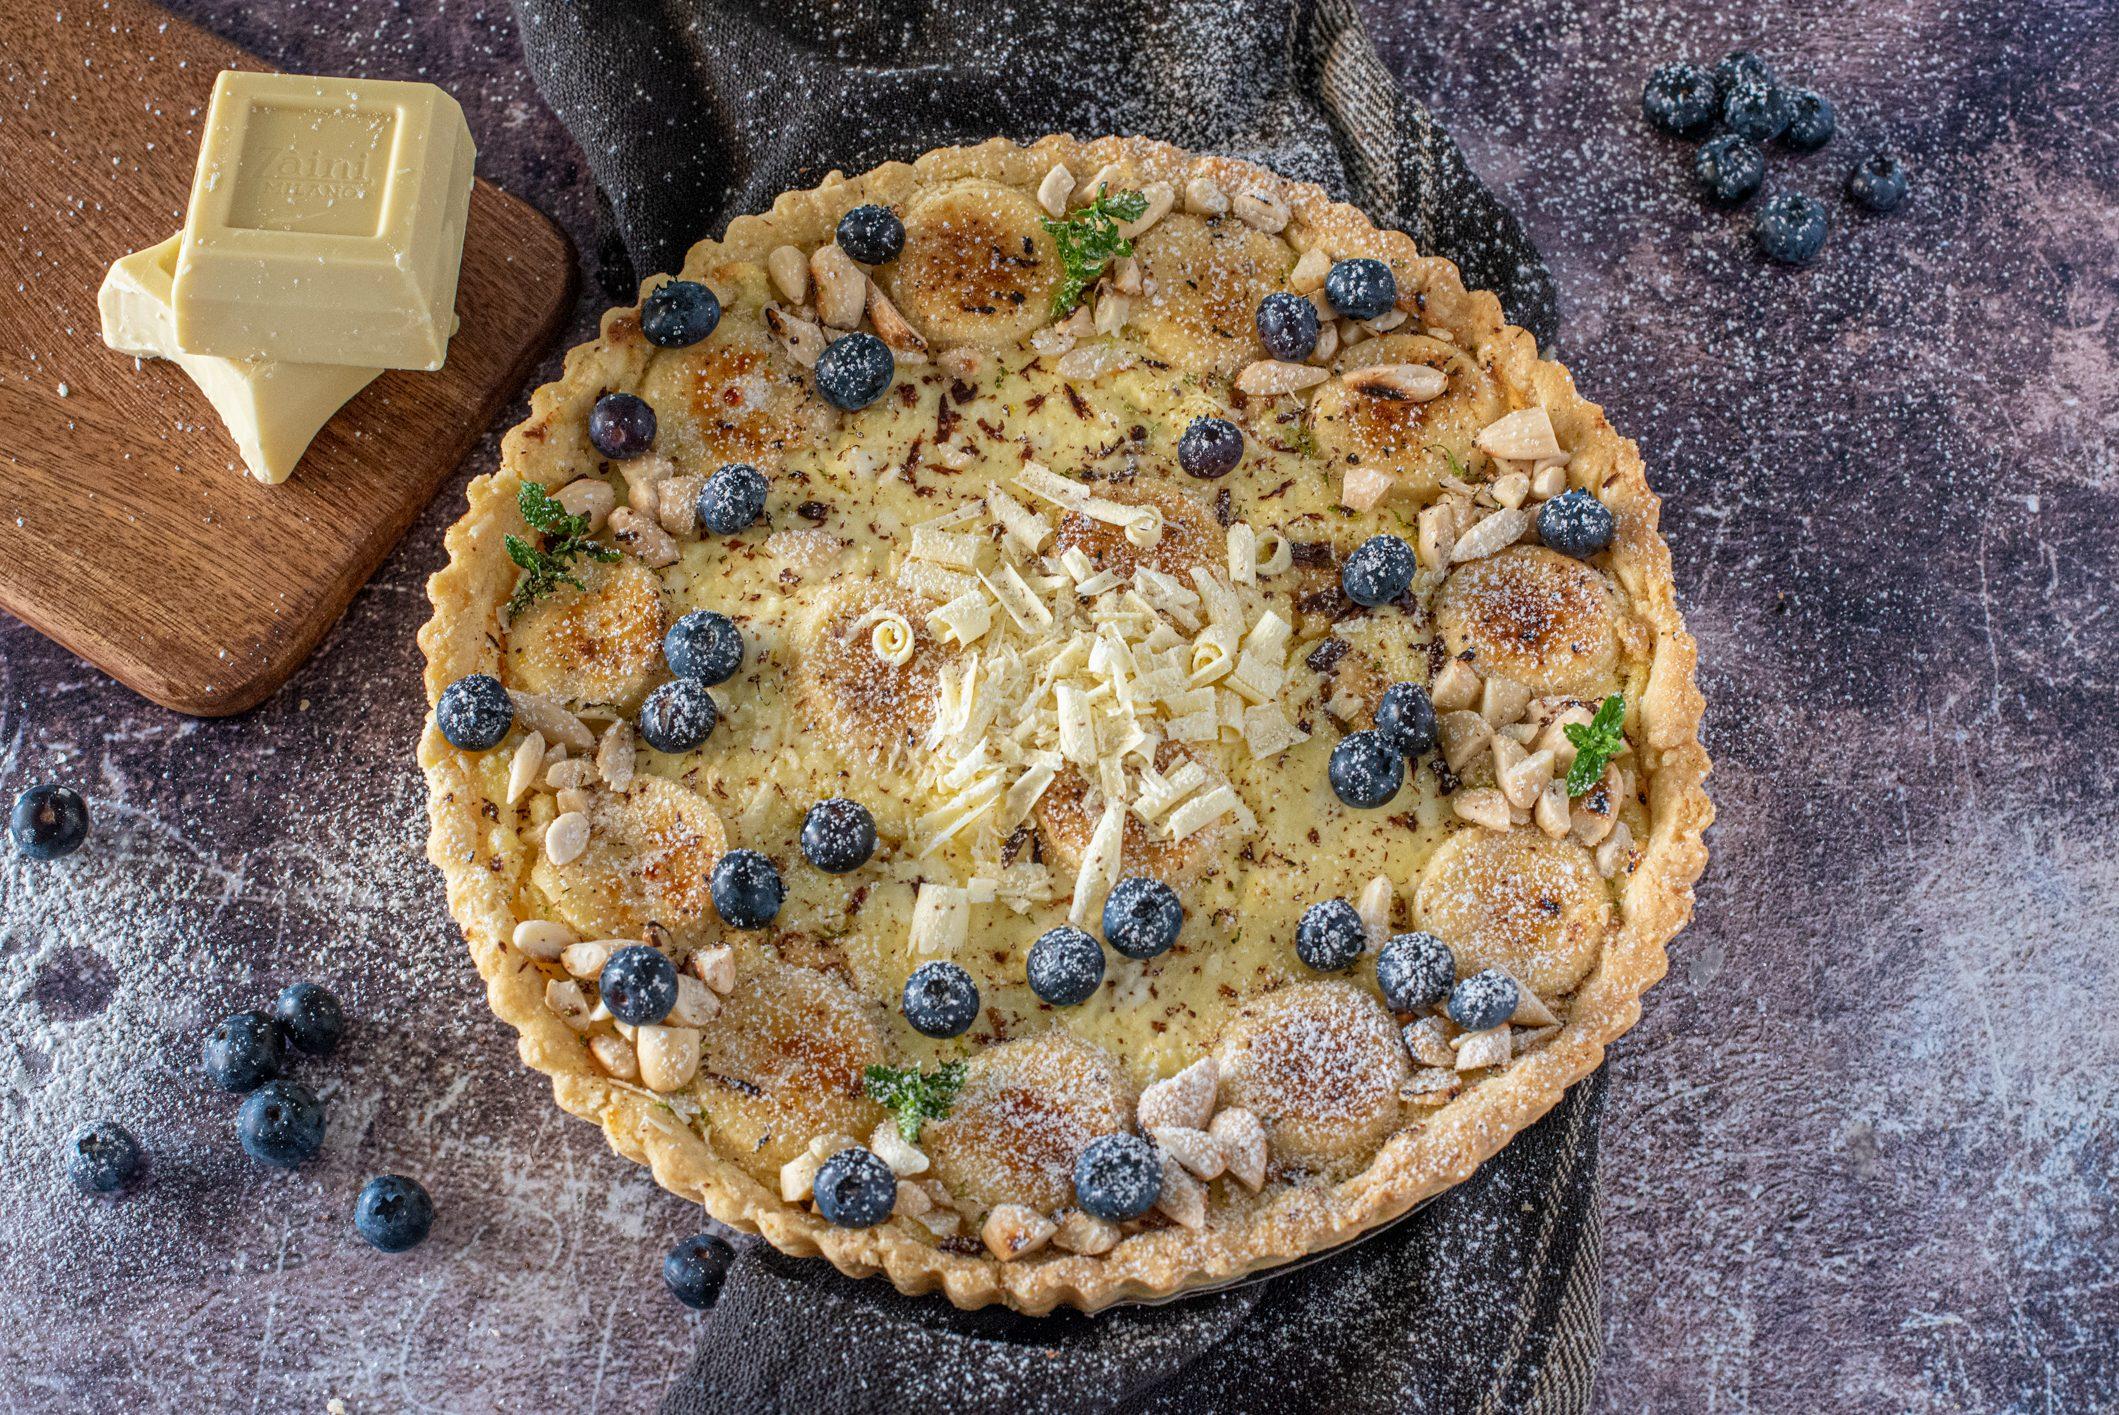 Crostata ricotta e cioccolato bianco: la ricetta del dolce semplice e di sicuro successo